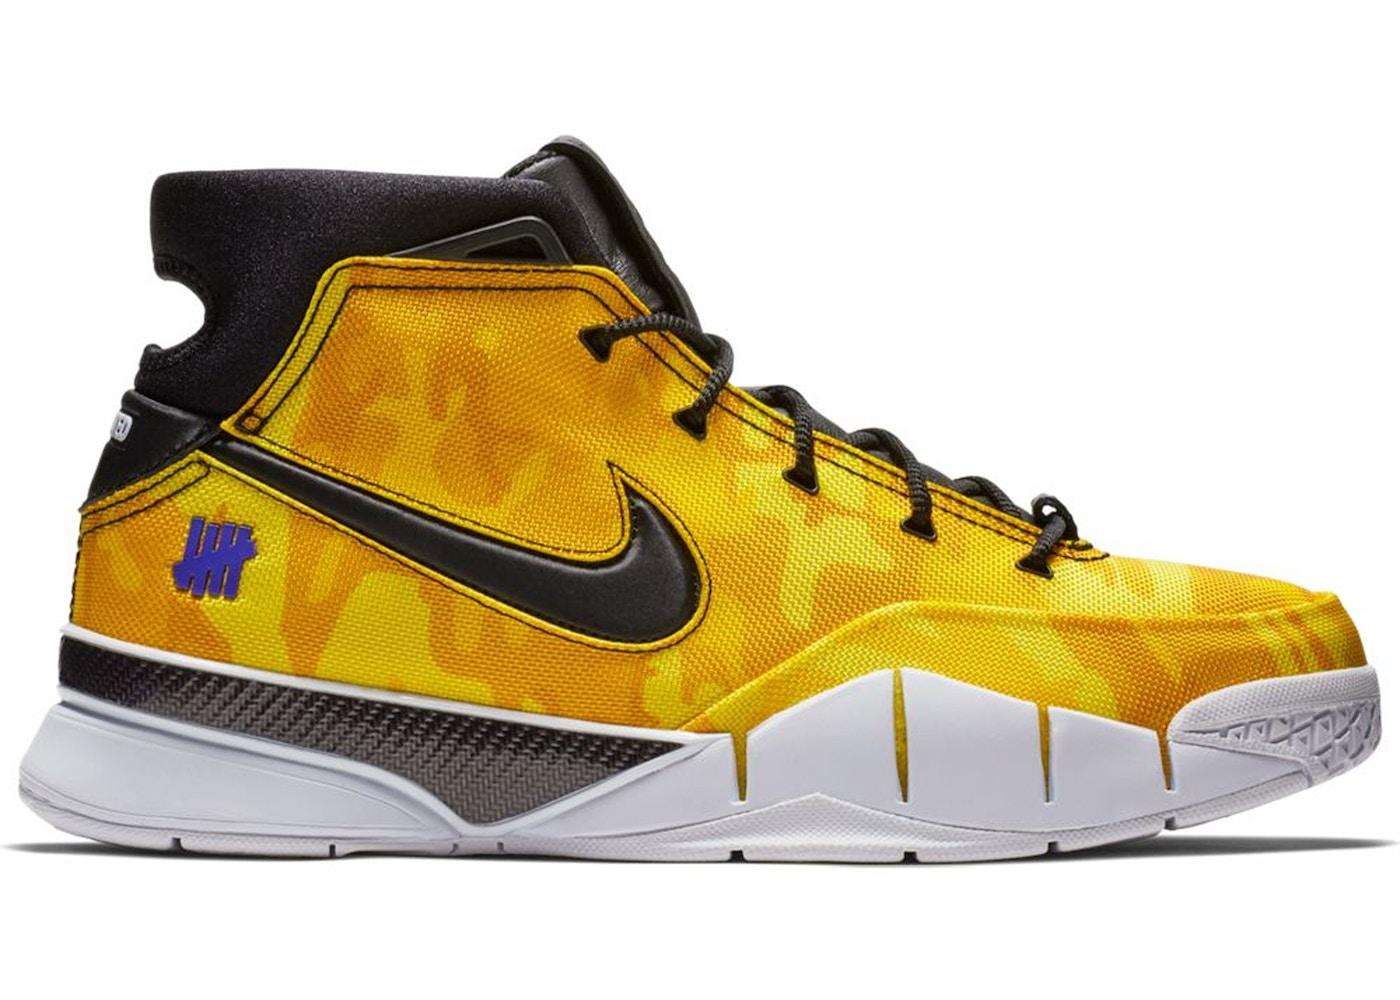 64f67e8a4a1 Nike Kobe Shoes - Last Sale